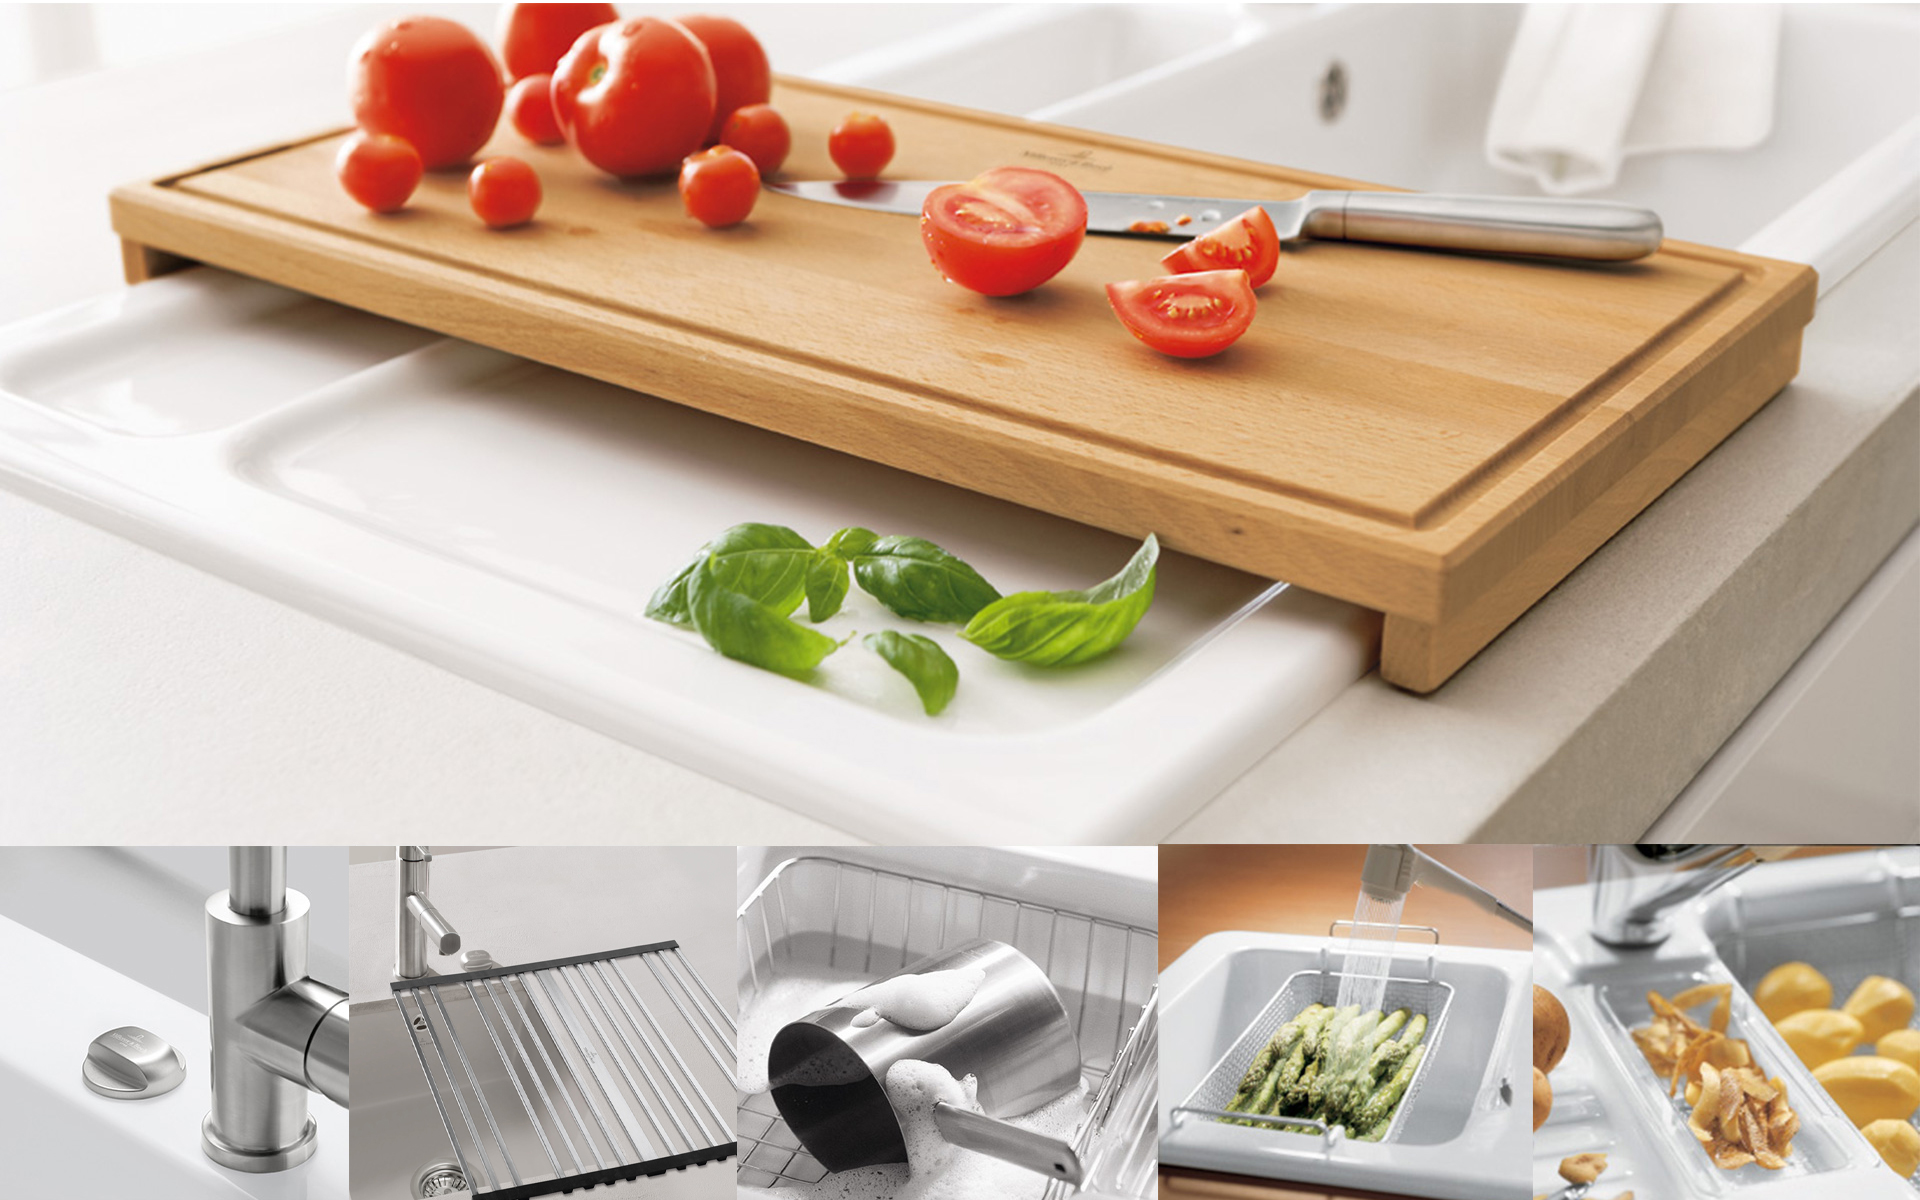 accessoires de cuisine de villeroy boch pour une cuisine plus amusante. Black Bedroom Furniture Sets. Home Design Ideas